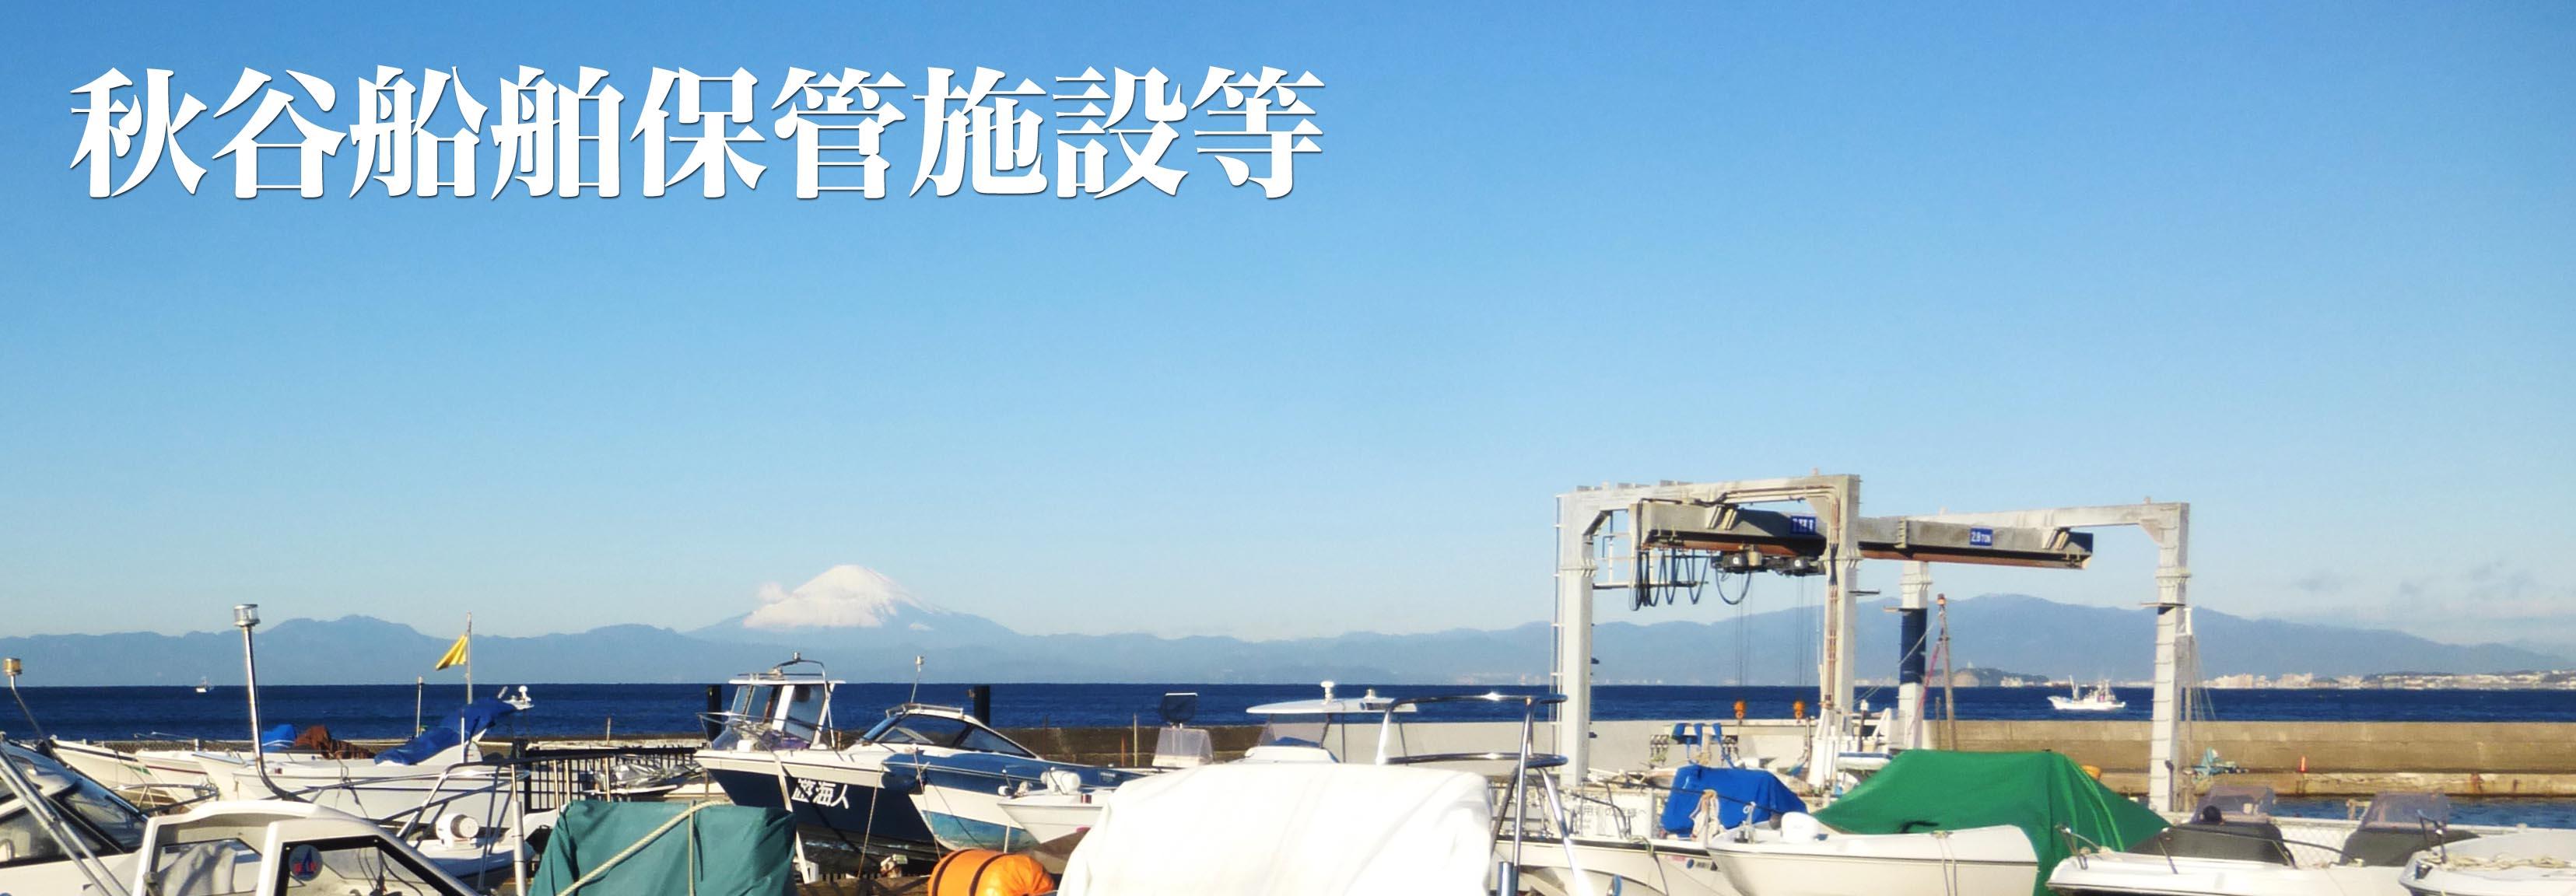 秋谷船舶保管施設等(秋谷漁港)